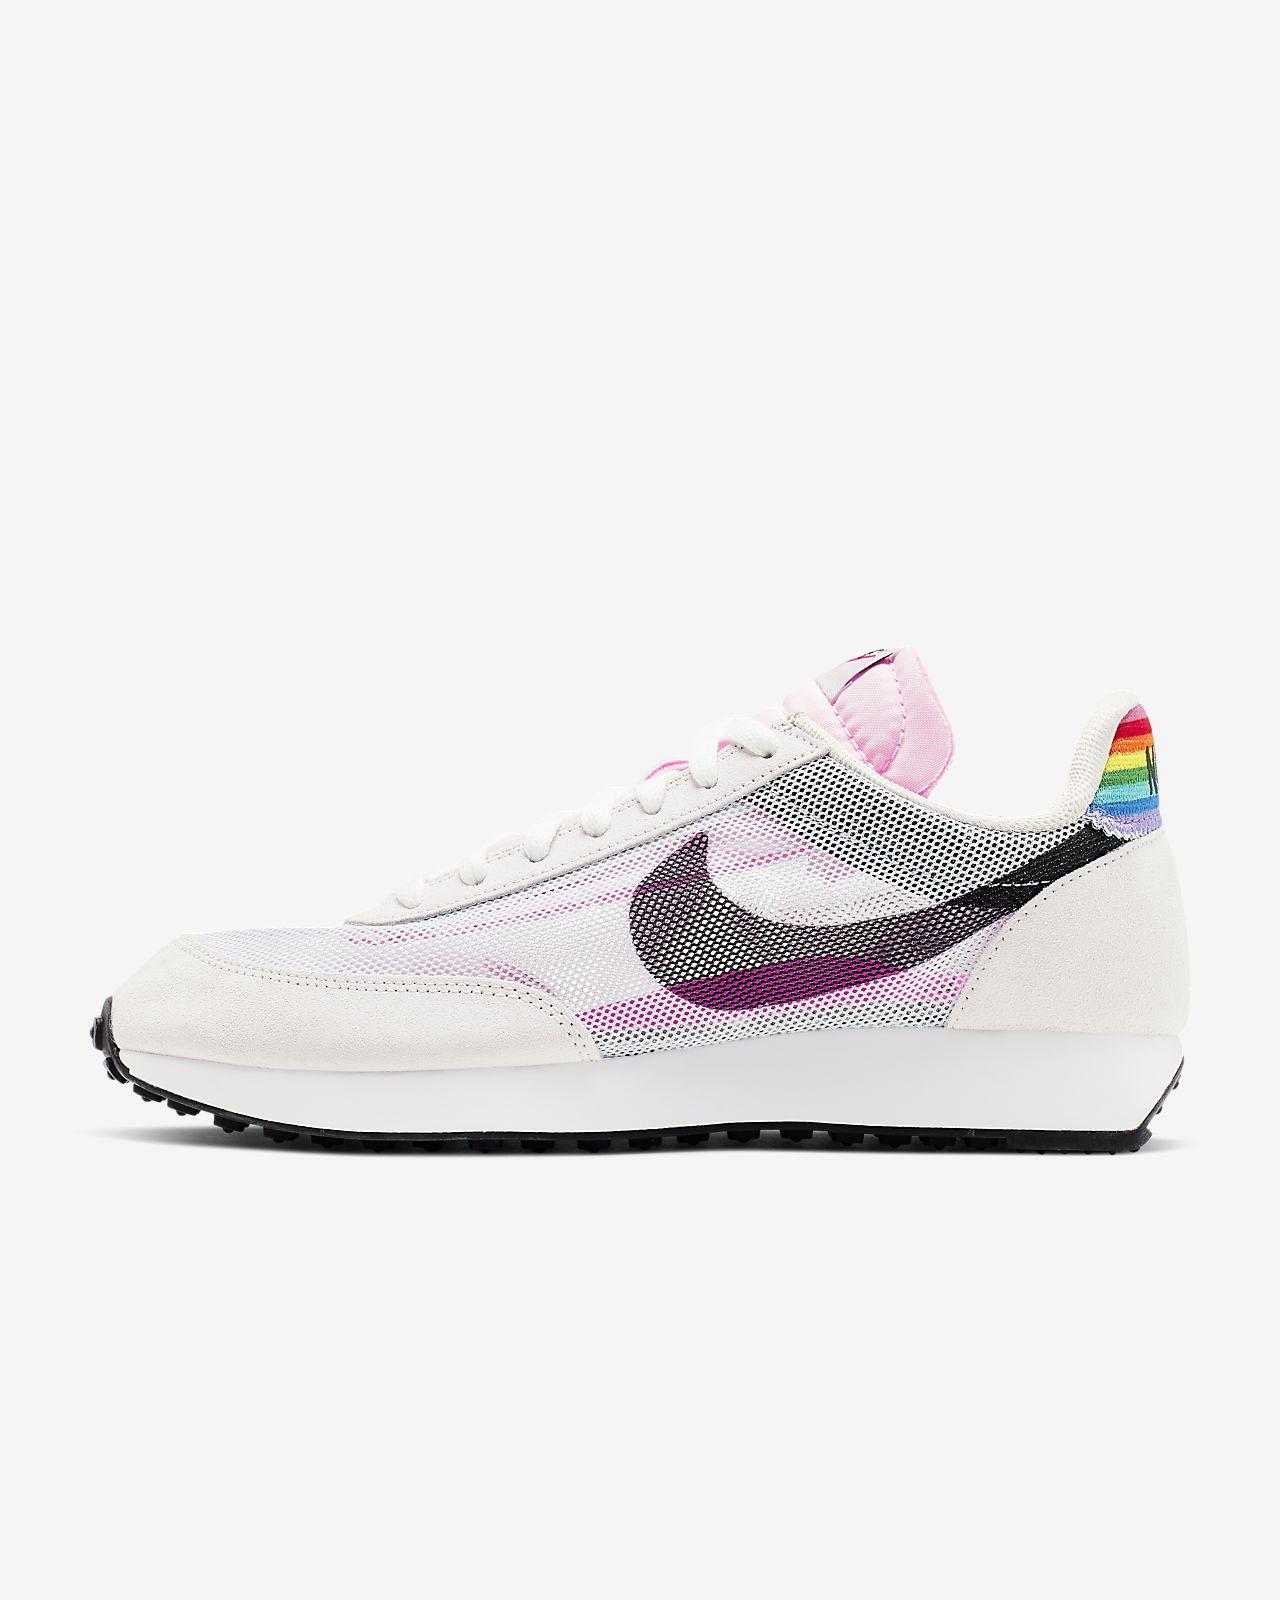 Sko Nike Air Tailwind 79 BETRUE